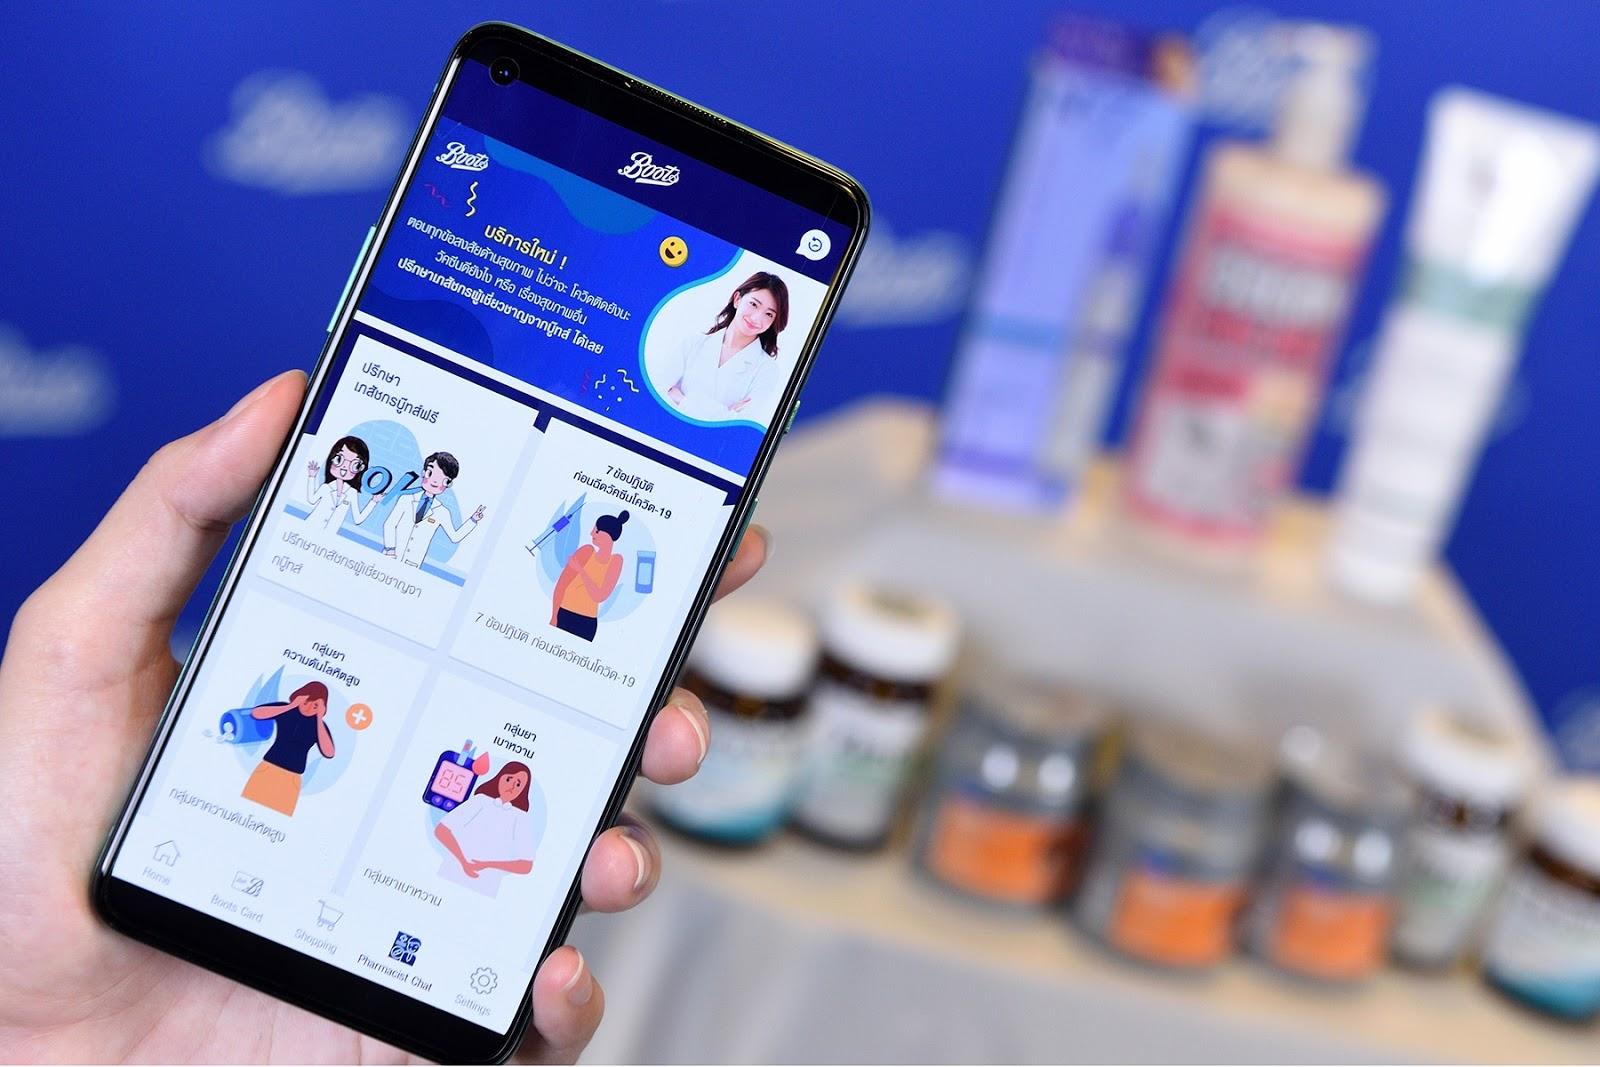 """Boots ส่ง """"Boots App"""" แอปสุขภาพครบวงจร ยกระดับการดูแลสุขภาพของคนไทยให้ดียิ่งขึ้น ฝ่าวิกฤต COVID-19"""